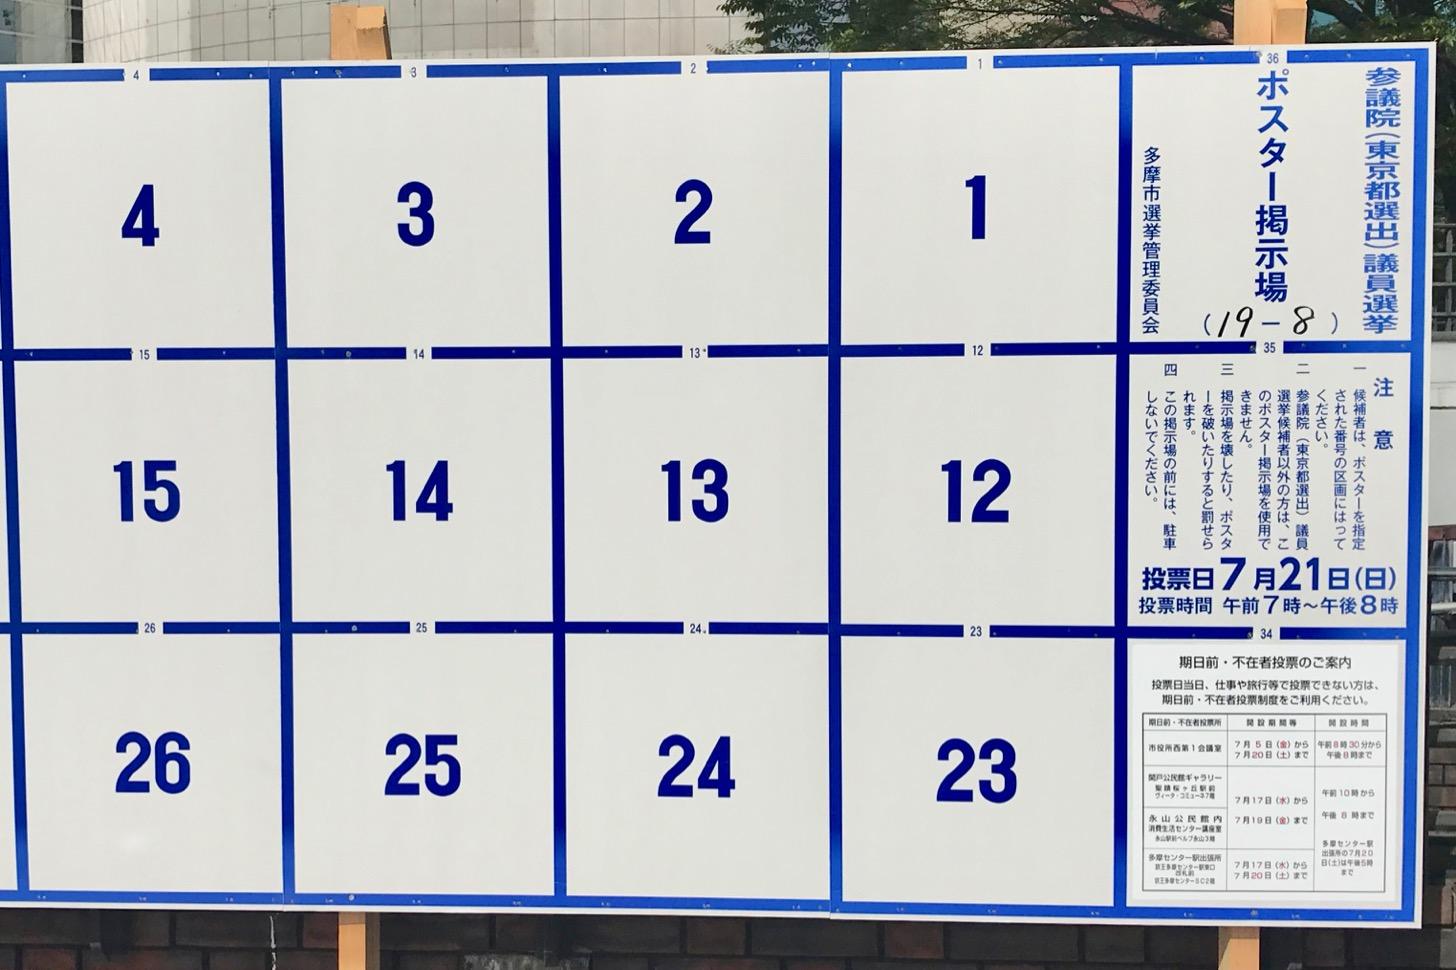 【参議院議員選挙2019】期日前投票所はこの4ヶ所!